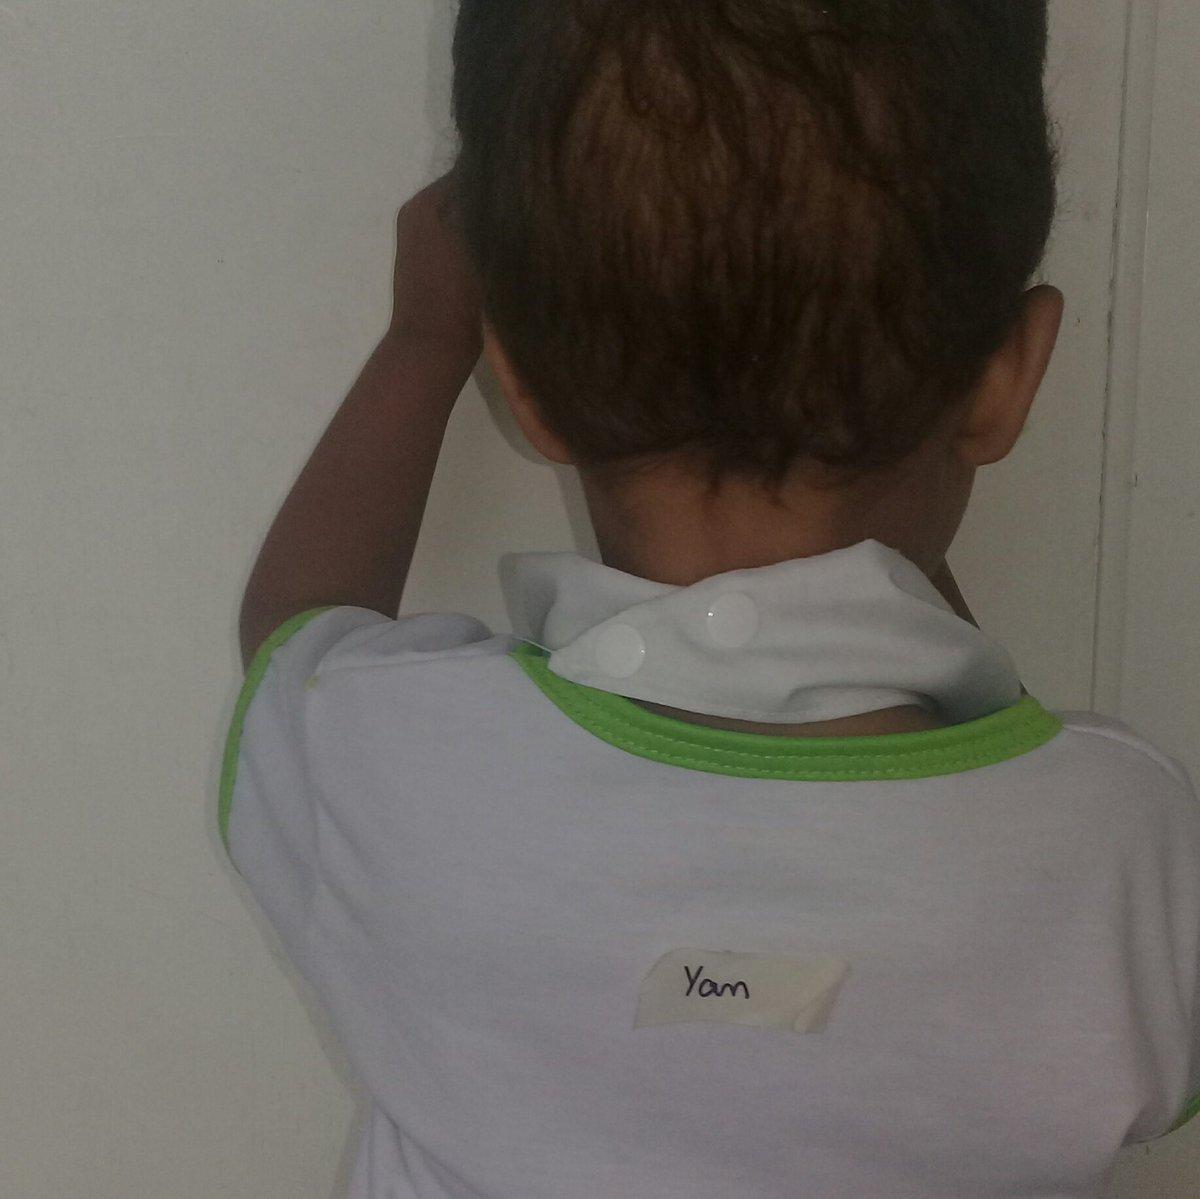 Quando a professora ainda está aprendendo o nome do seu filho. #maes #meubb #meumundoazul #creche #maedoyan